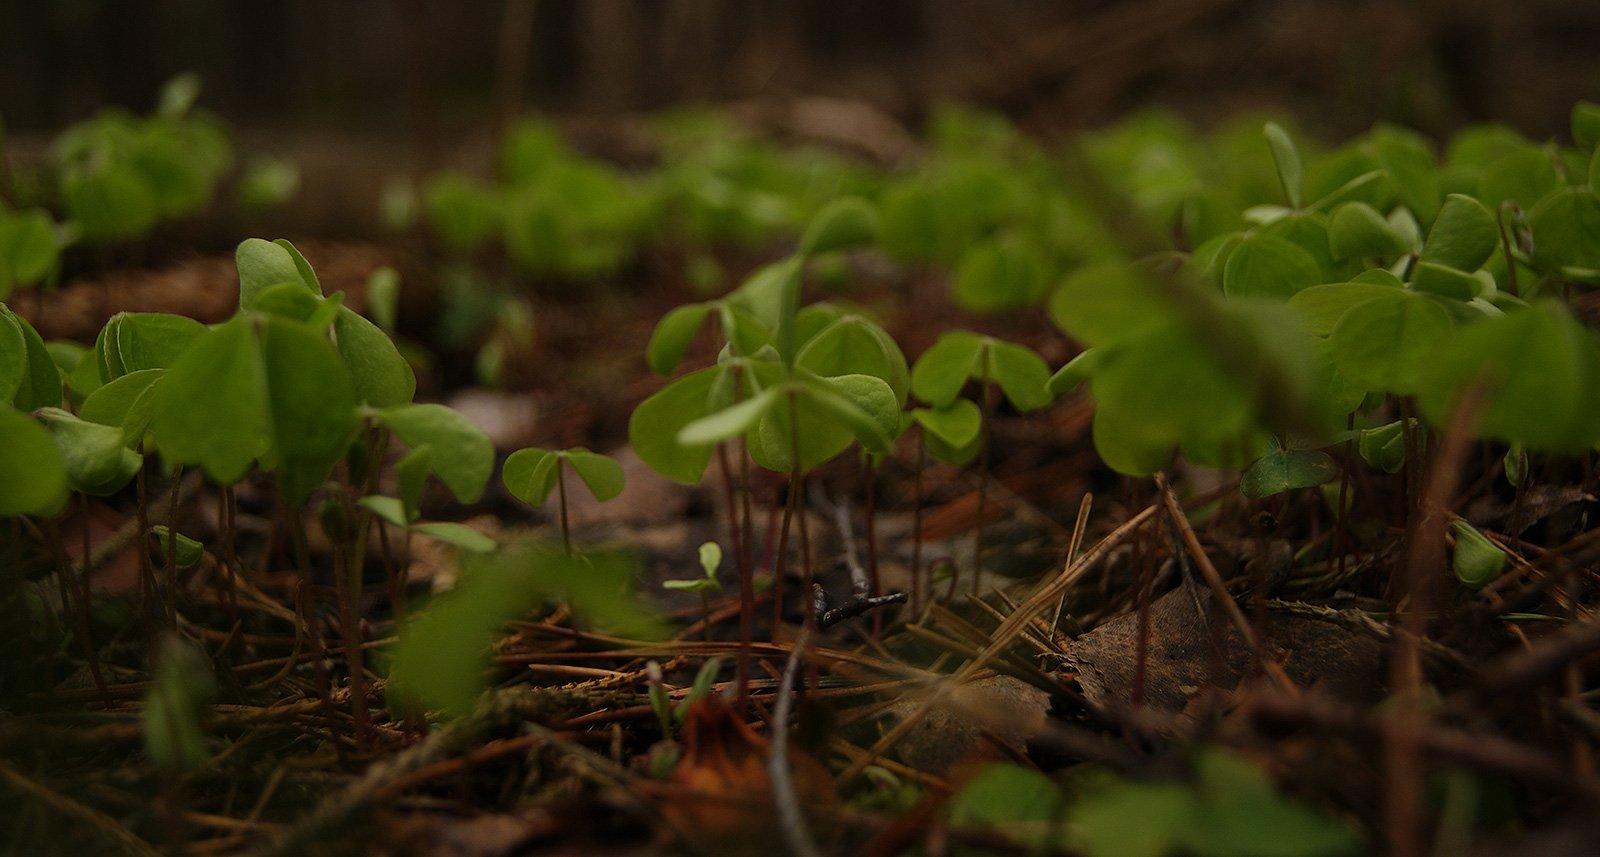 мелкие подробности из жизни болотной растительности